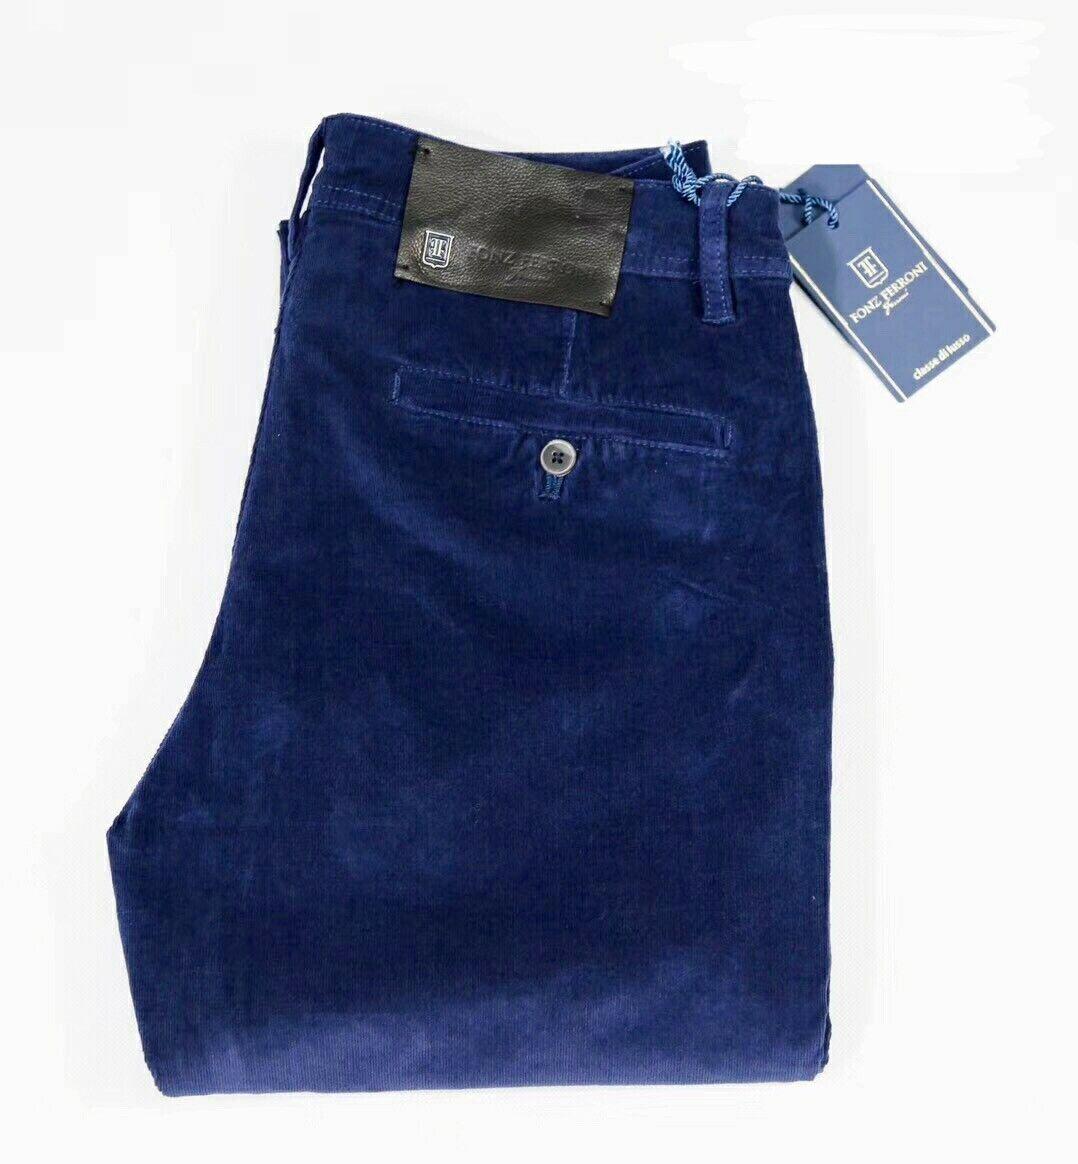 Fonz Ferroni Corduroy Pants bluee Stretch Fabric Modl  JFW-9802 Straight Sz 32